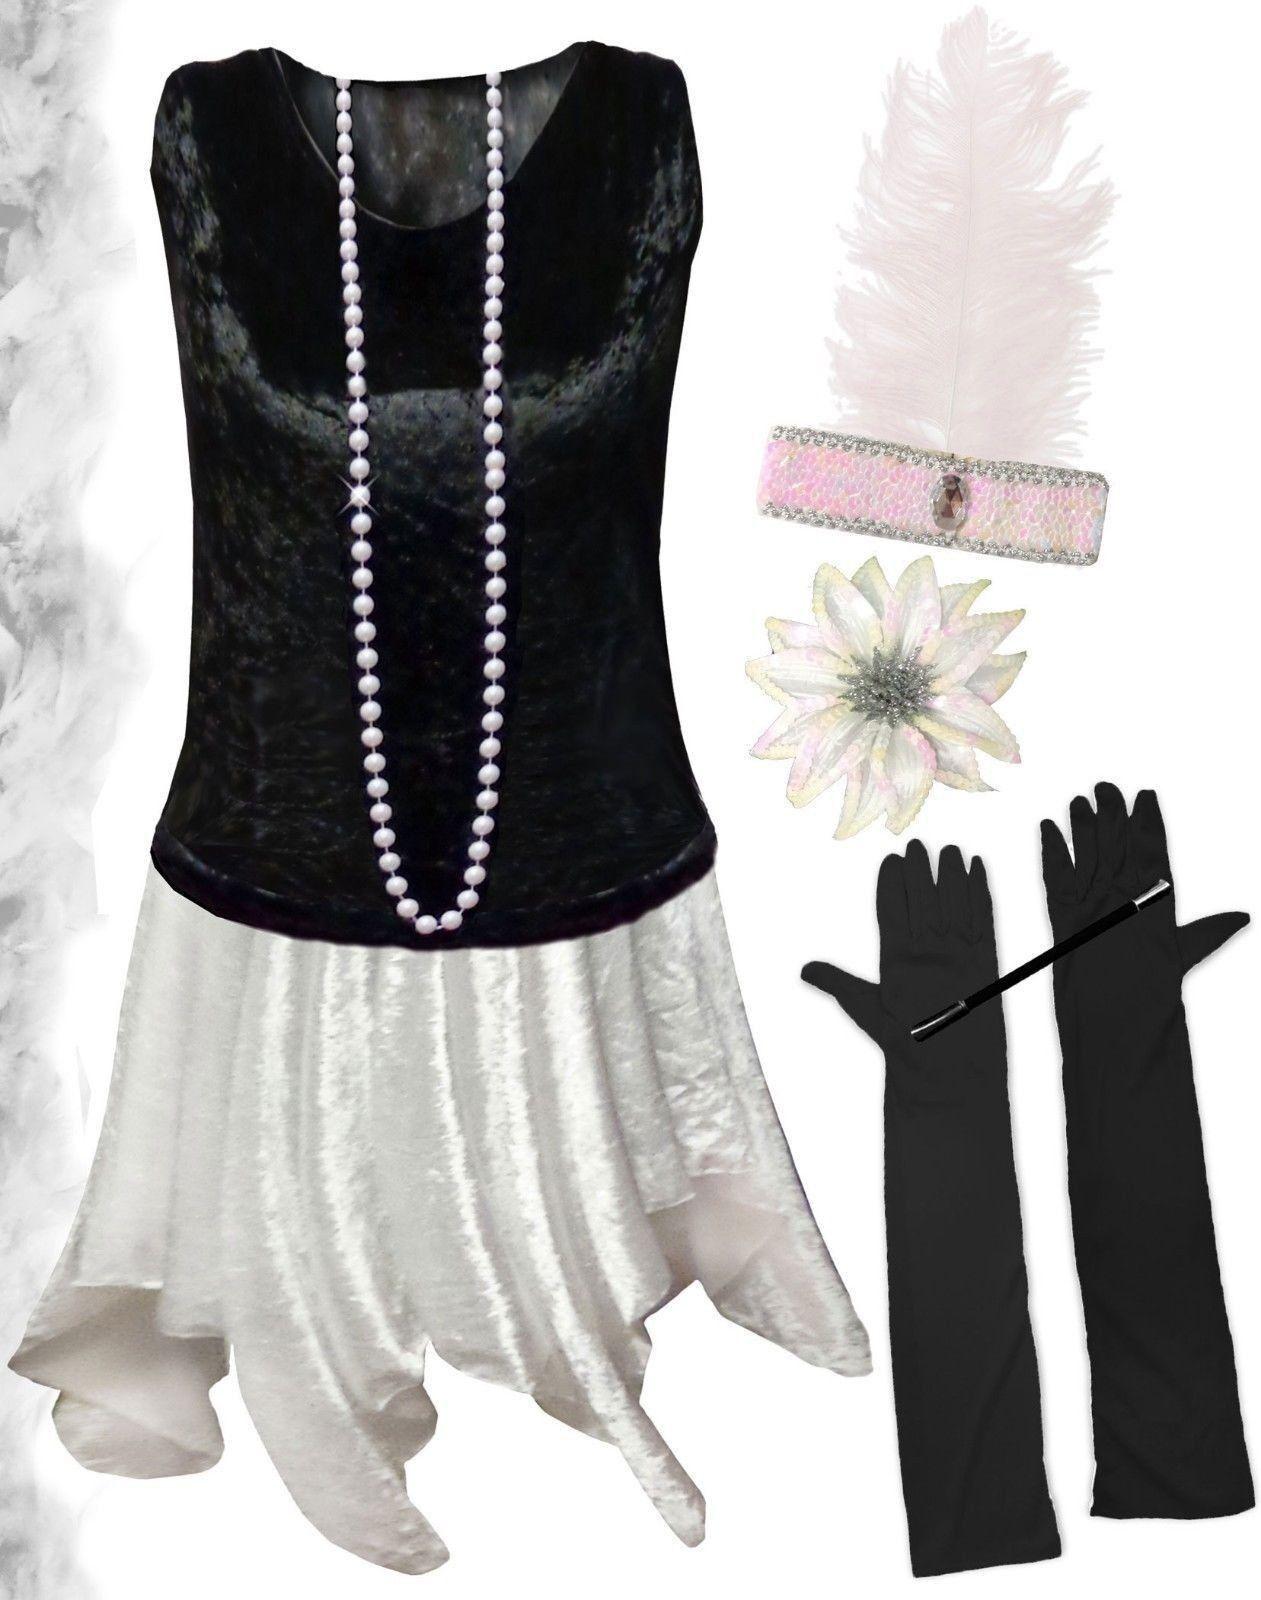 Noir Blanc Roabague Années 20 Taille Plus Clapet Robe Costume HalFaibleeen 1x à 8x